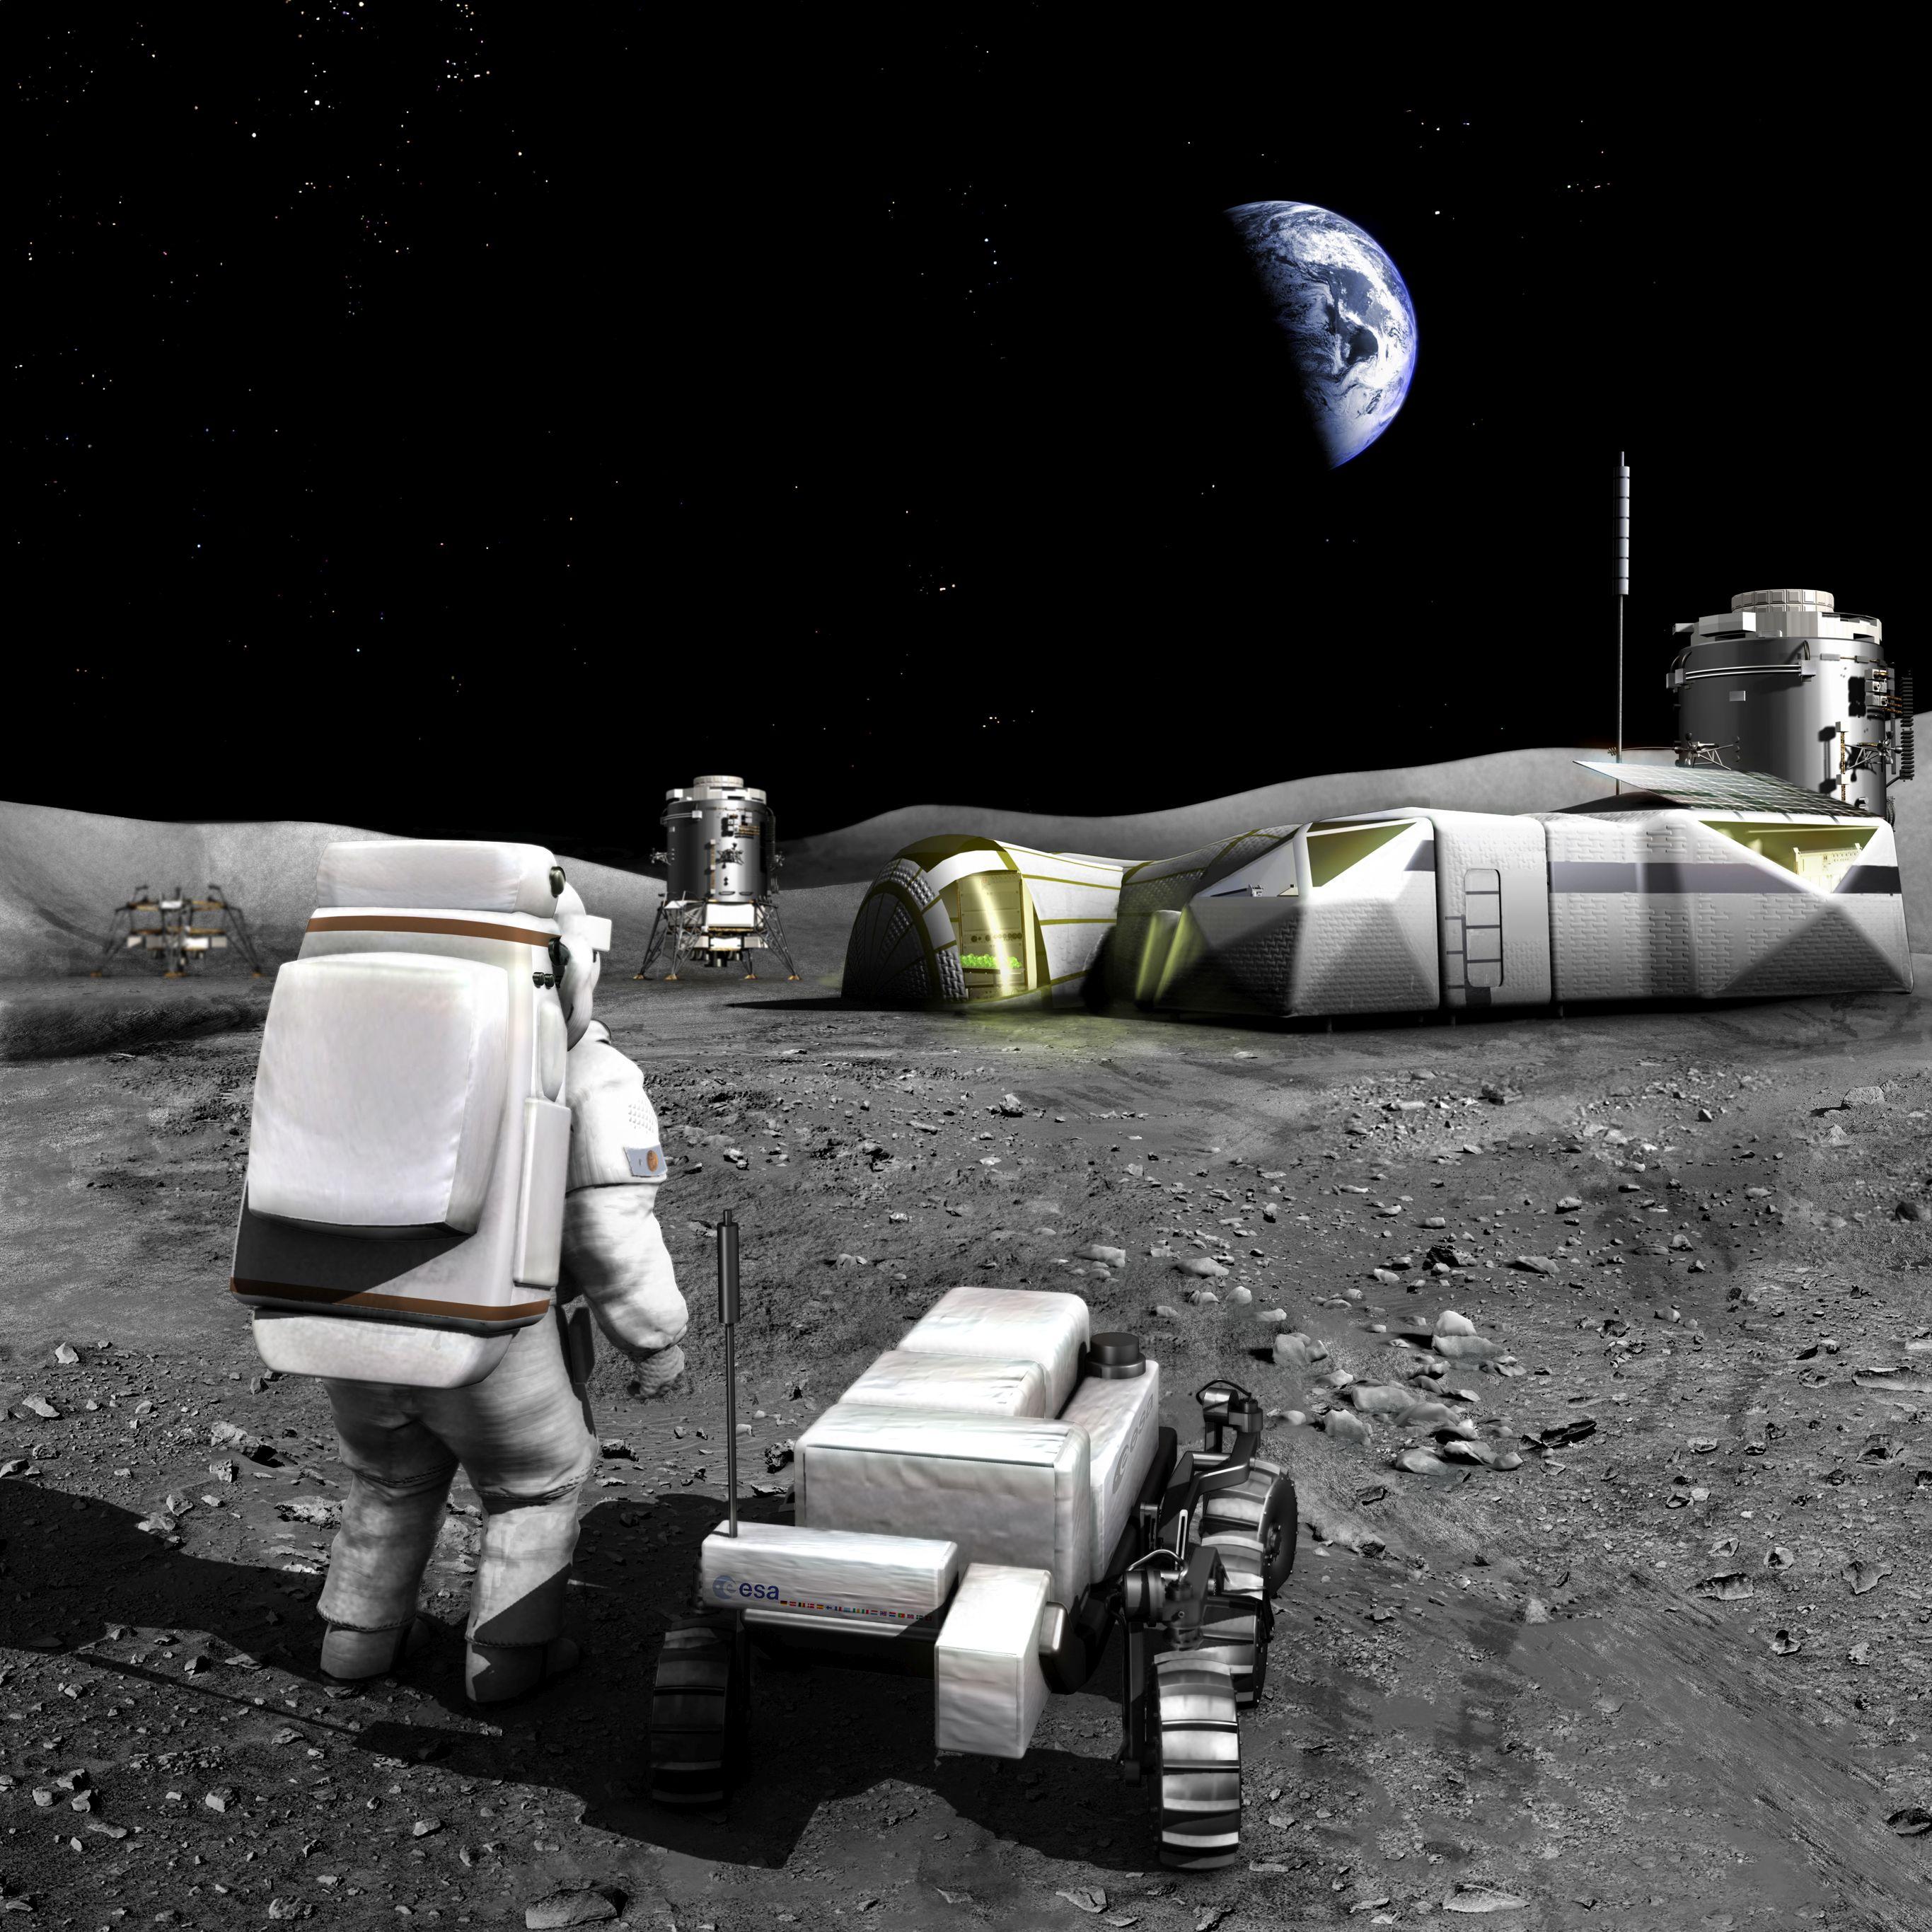 moon base challenge - photo #20